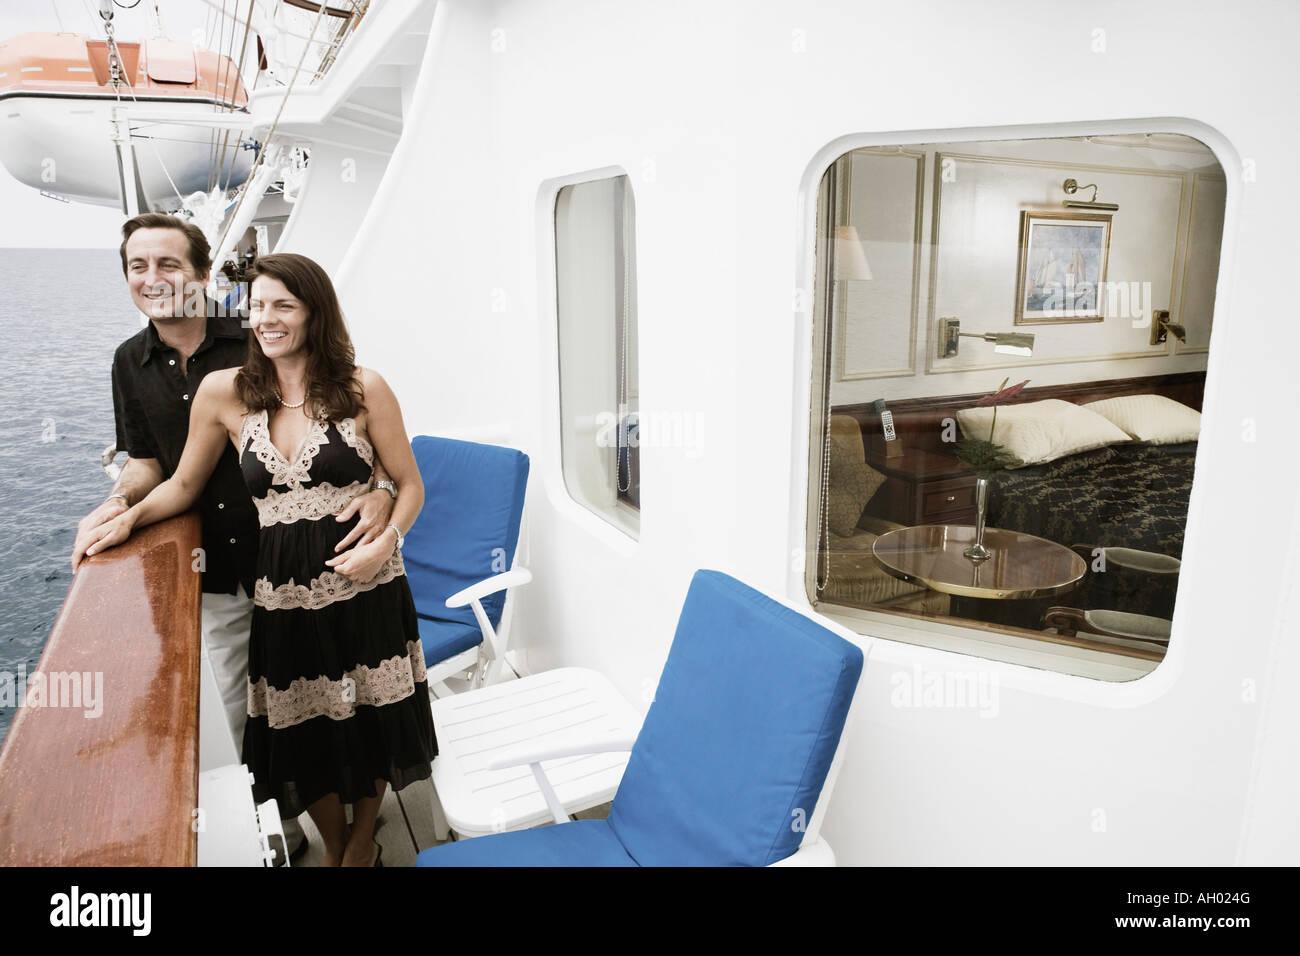 Mitte erwachsenes paar stehen an der Reling eines Segelschiffes und lächelnd Stockbild